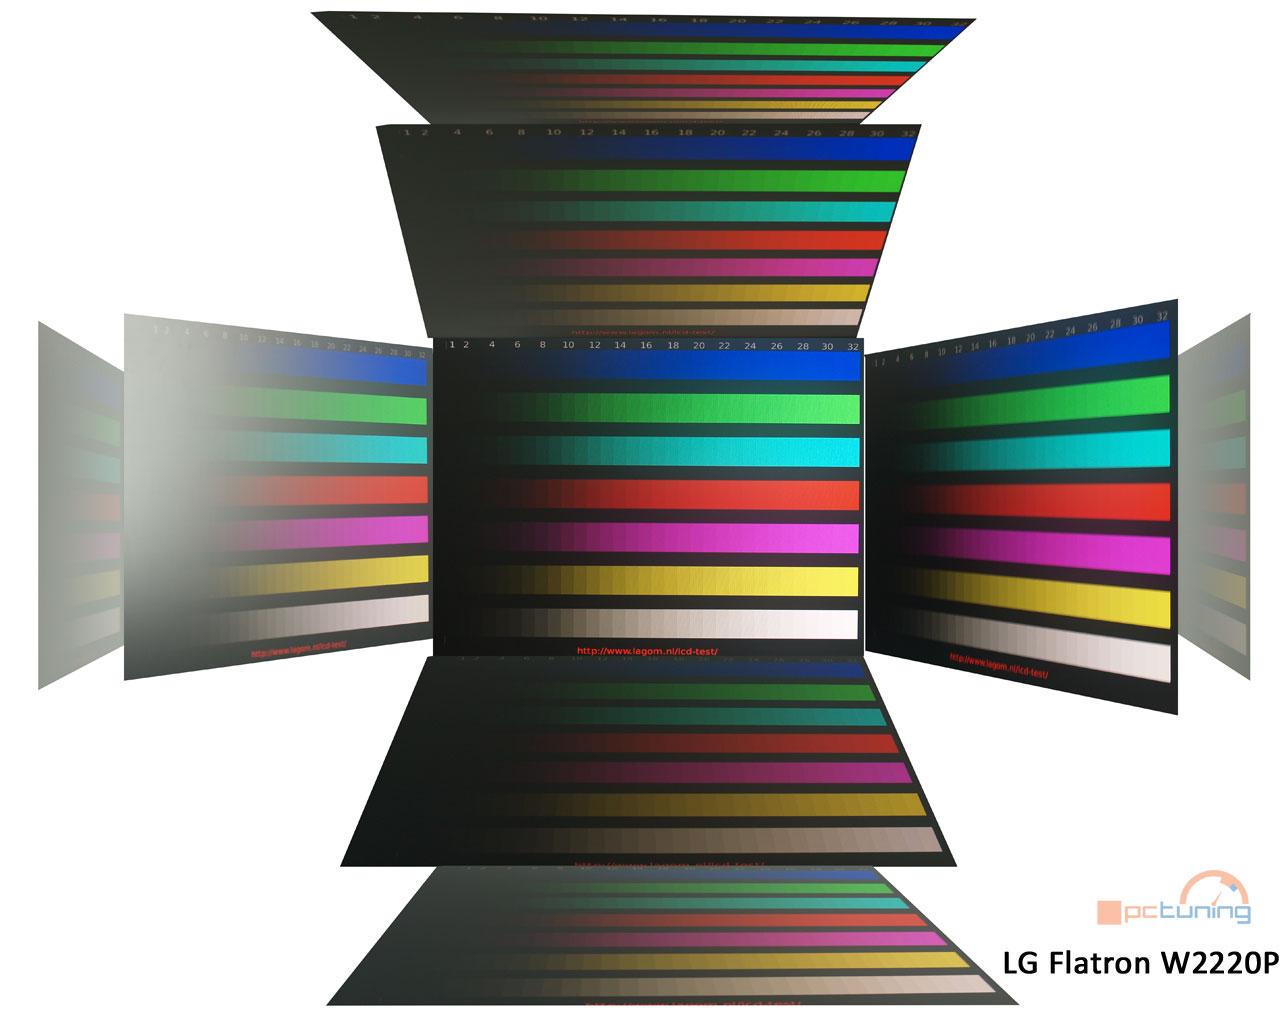 Cauchy-Riemannovy podmínky, ze skript matematiky, se staly obětí špatně podsvíceného okraje